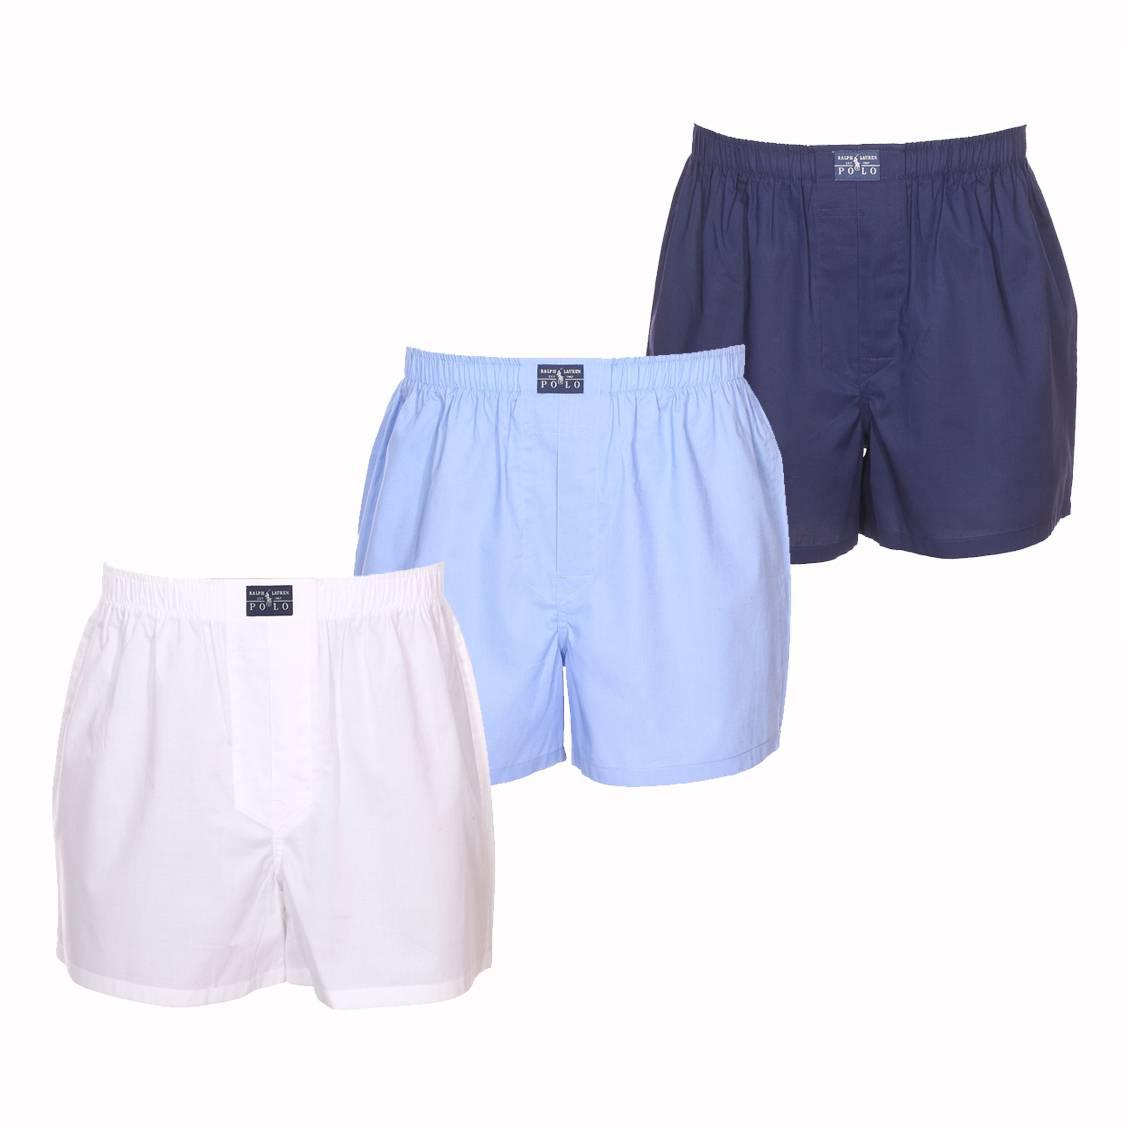 Lot de 3 caleçons coupe standard  en coton blanc, bleu ciel et bleu marine